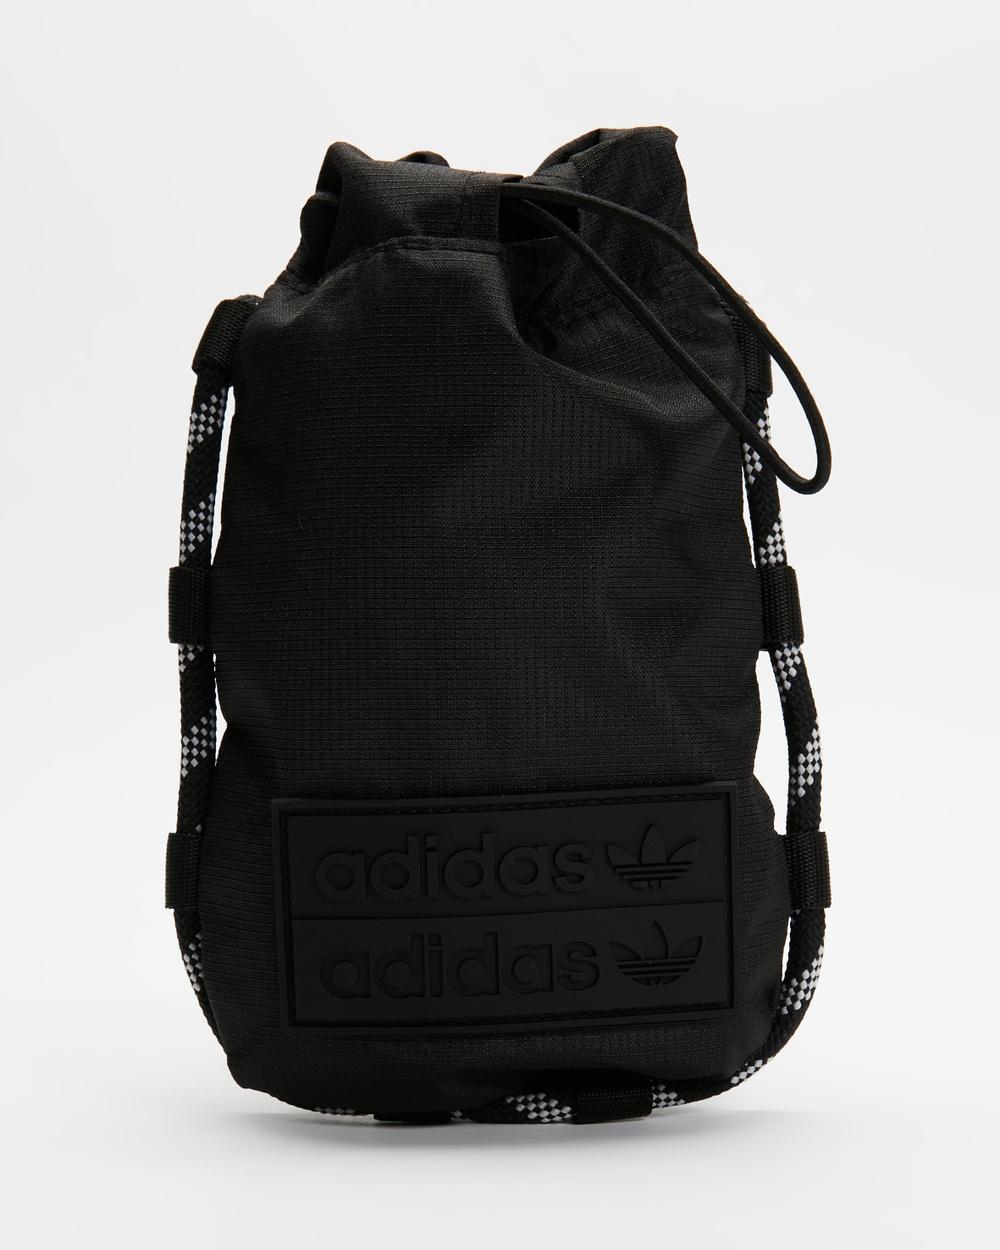 adidas Originals RYV Festival Bag Bags Black